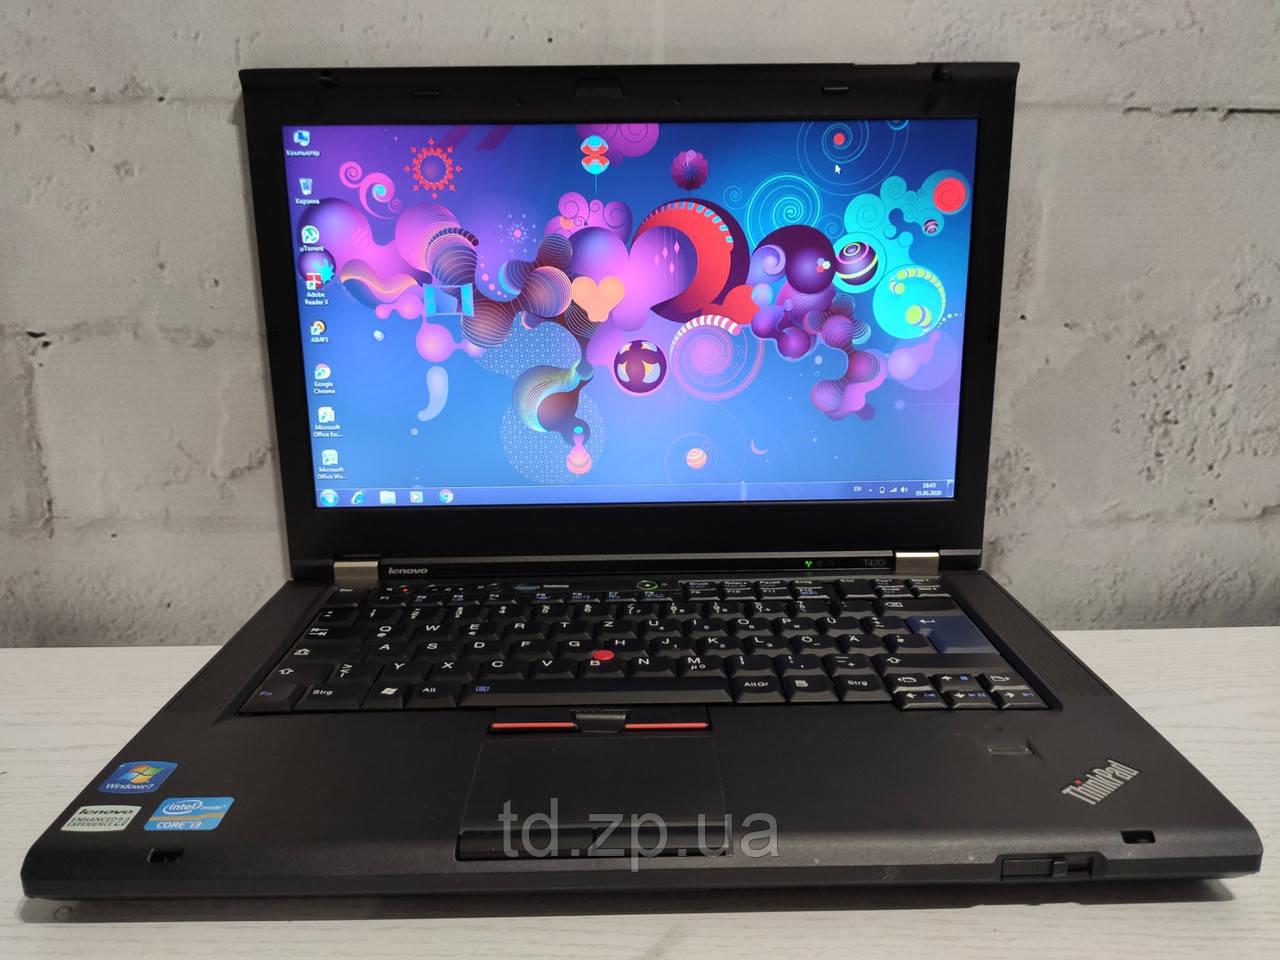 Ноутбук Lenovo T420i 14,1' Intel Core i5-2350m / DDR 3 4Gb /HDD 320 / HD 3000